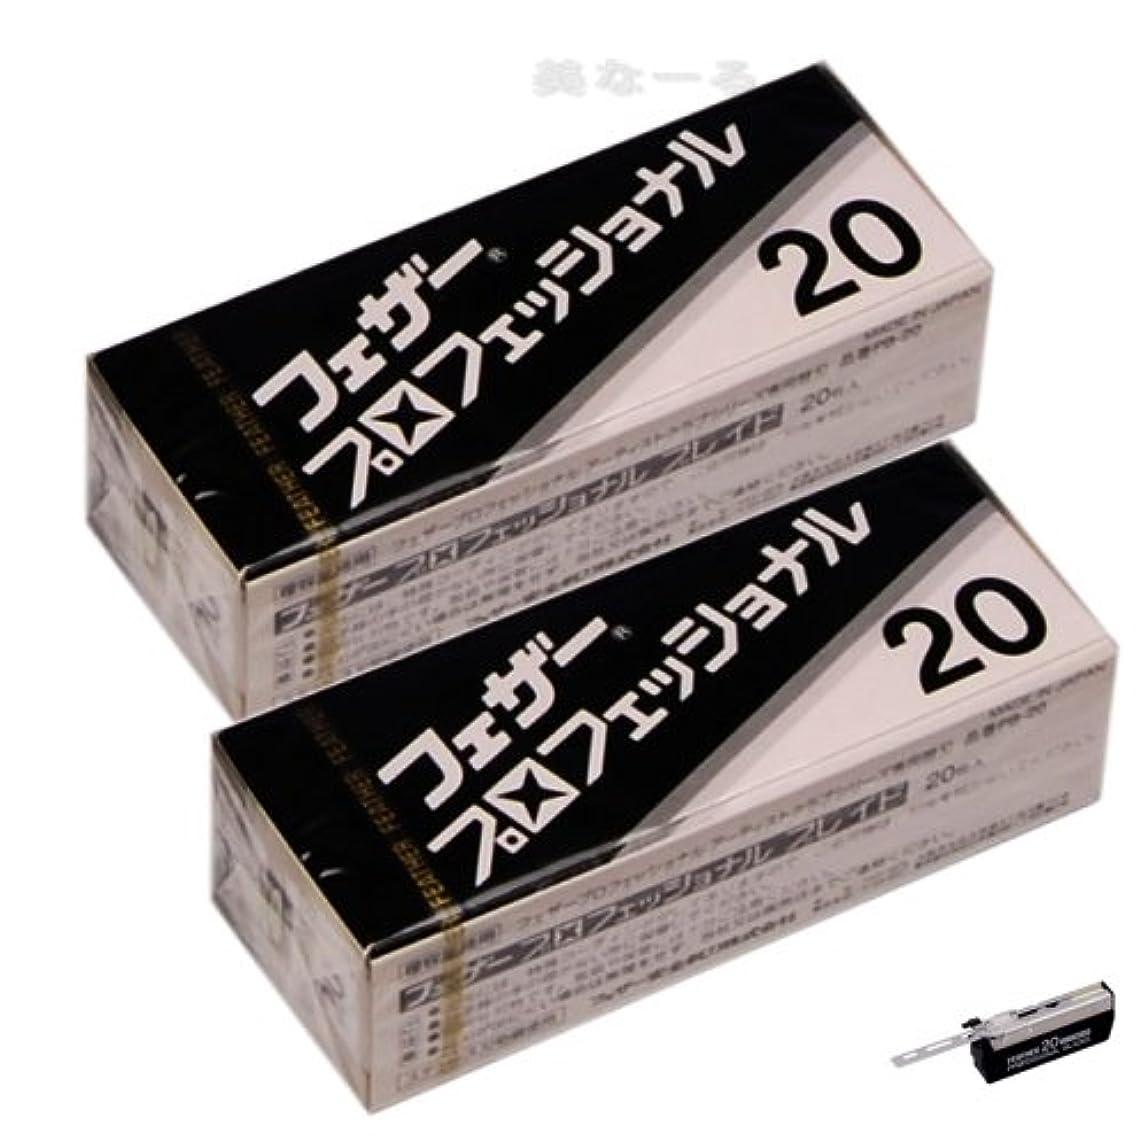 真っ逆さま持っている稼ぐ【2個セット】フェザープロフェッショナルブレイド 20枚入 PB-20